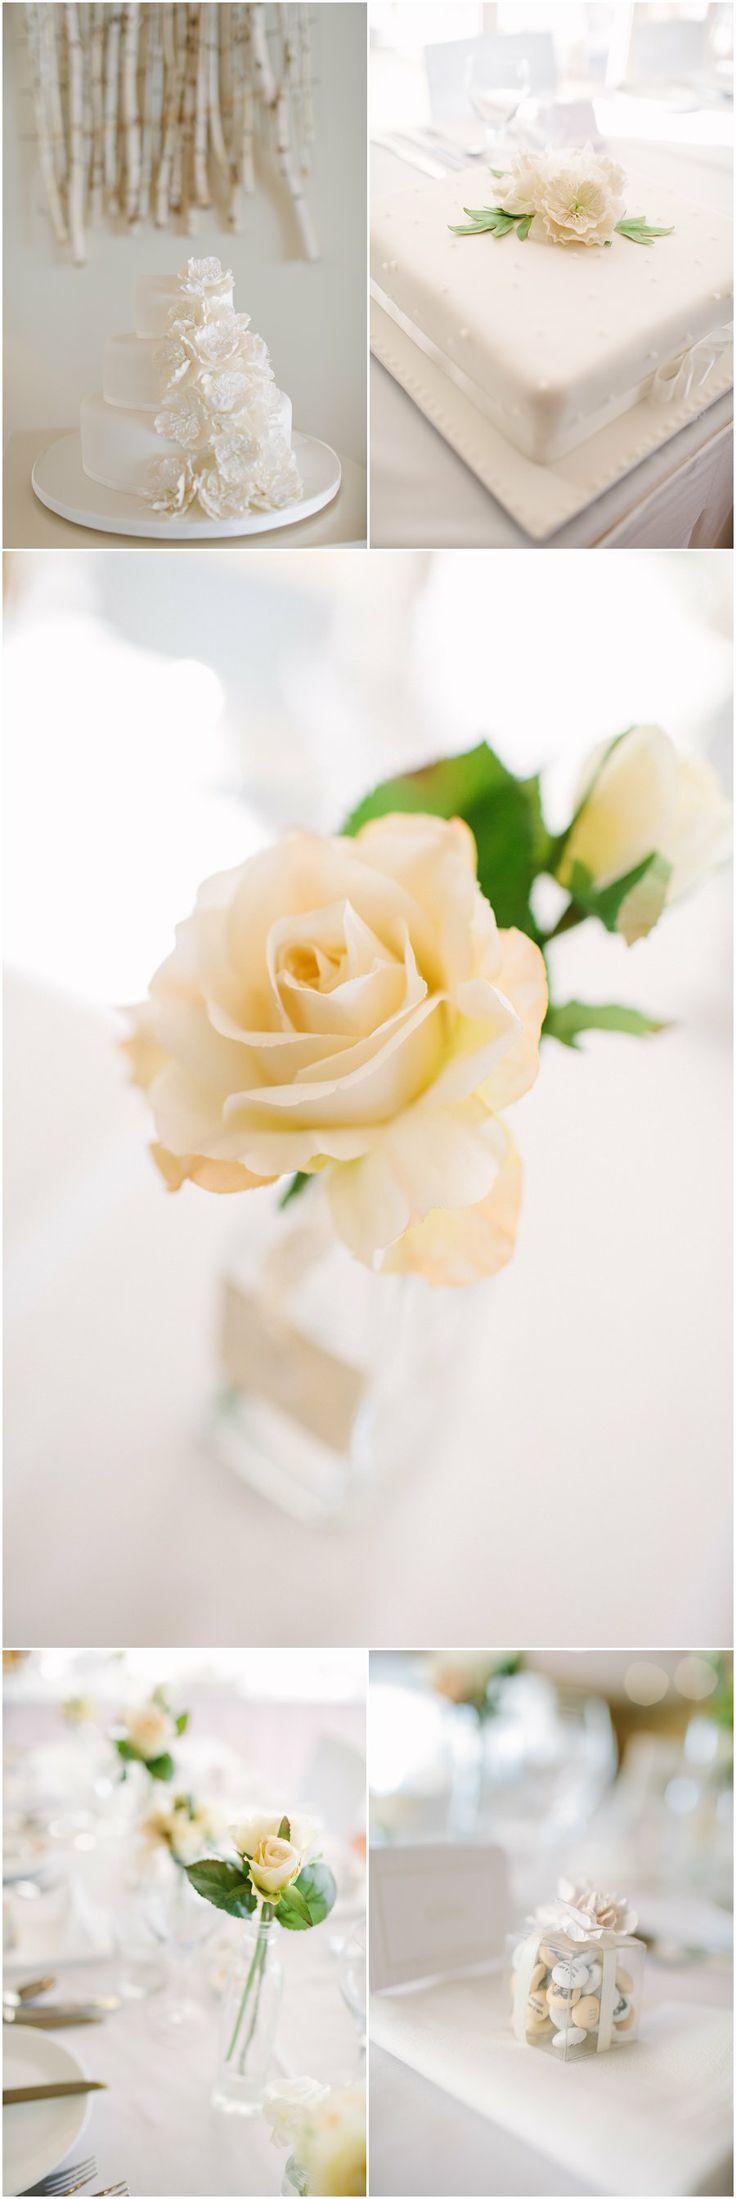 Wedding cake, wedding centerpiece. Reception. White. Wedding inspiration. Swan Hill Garden Wedding